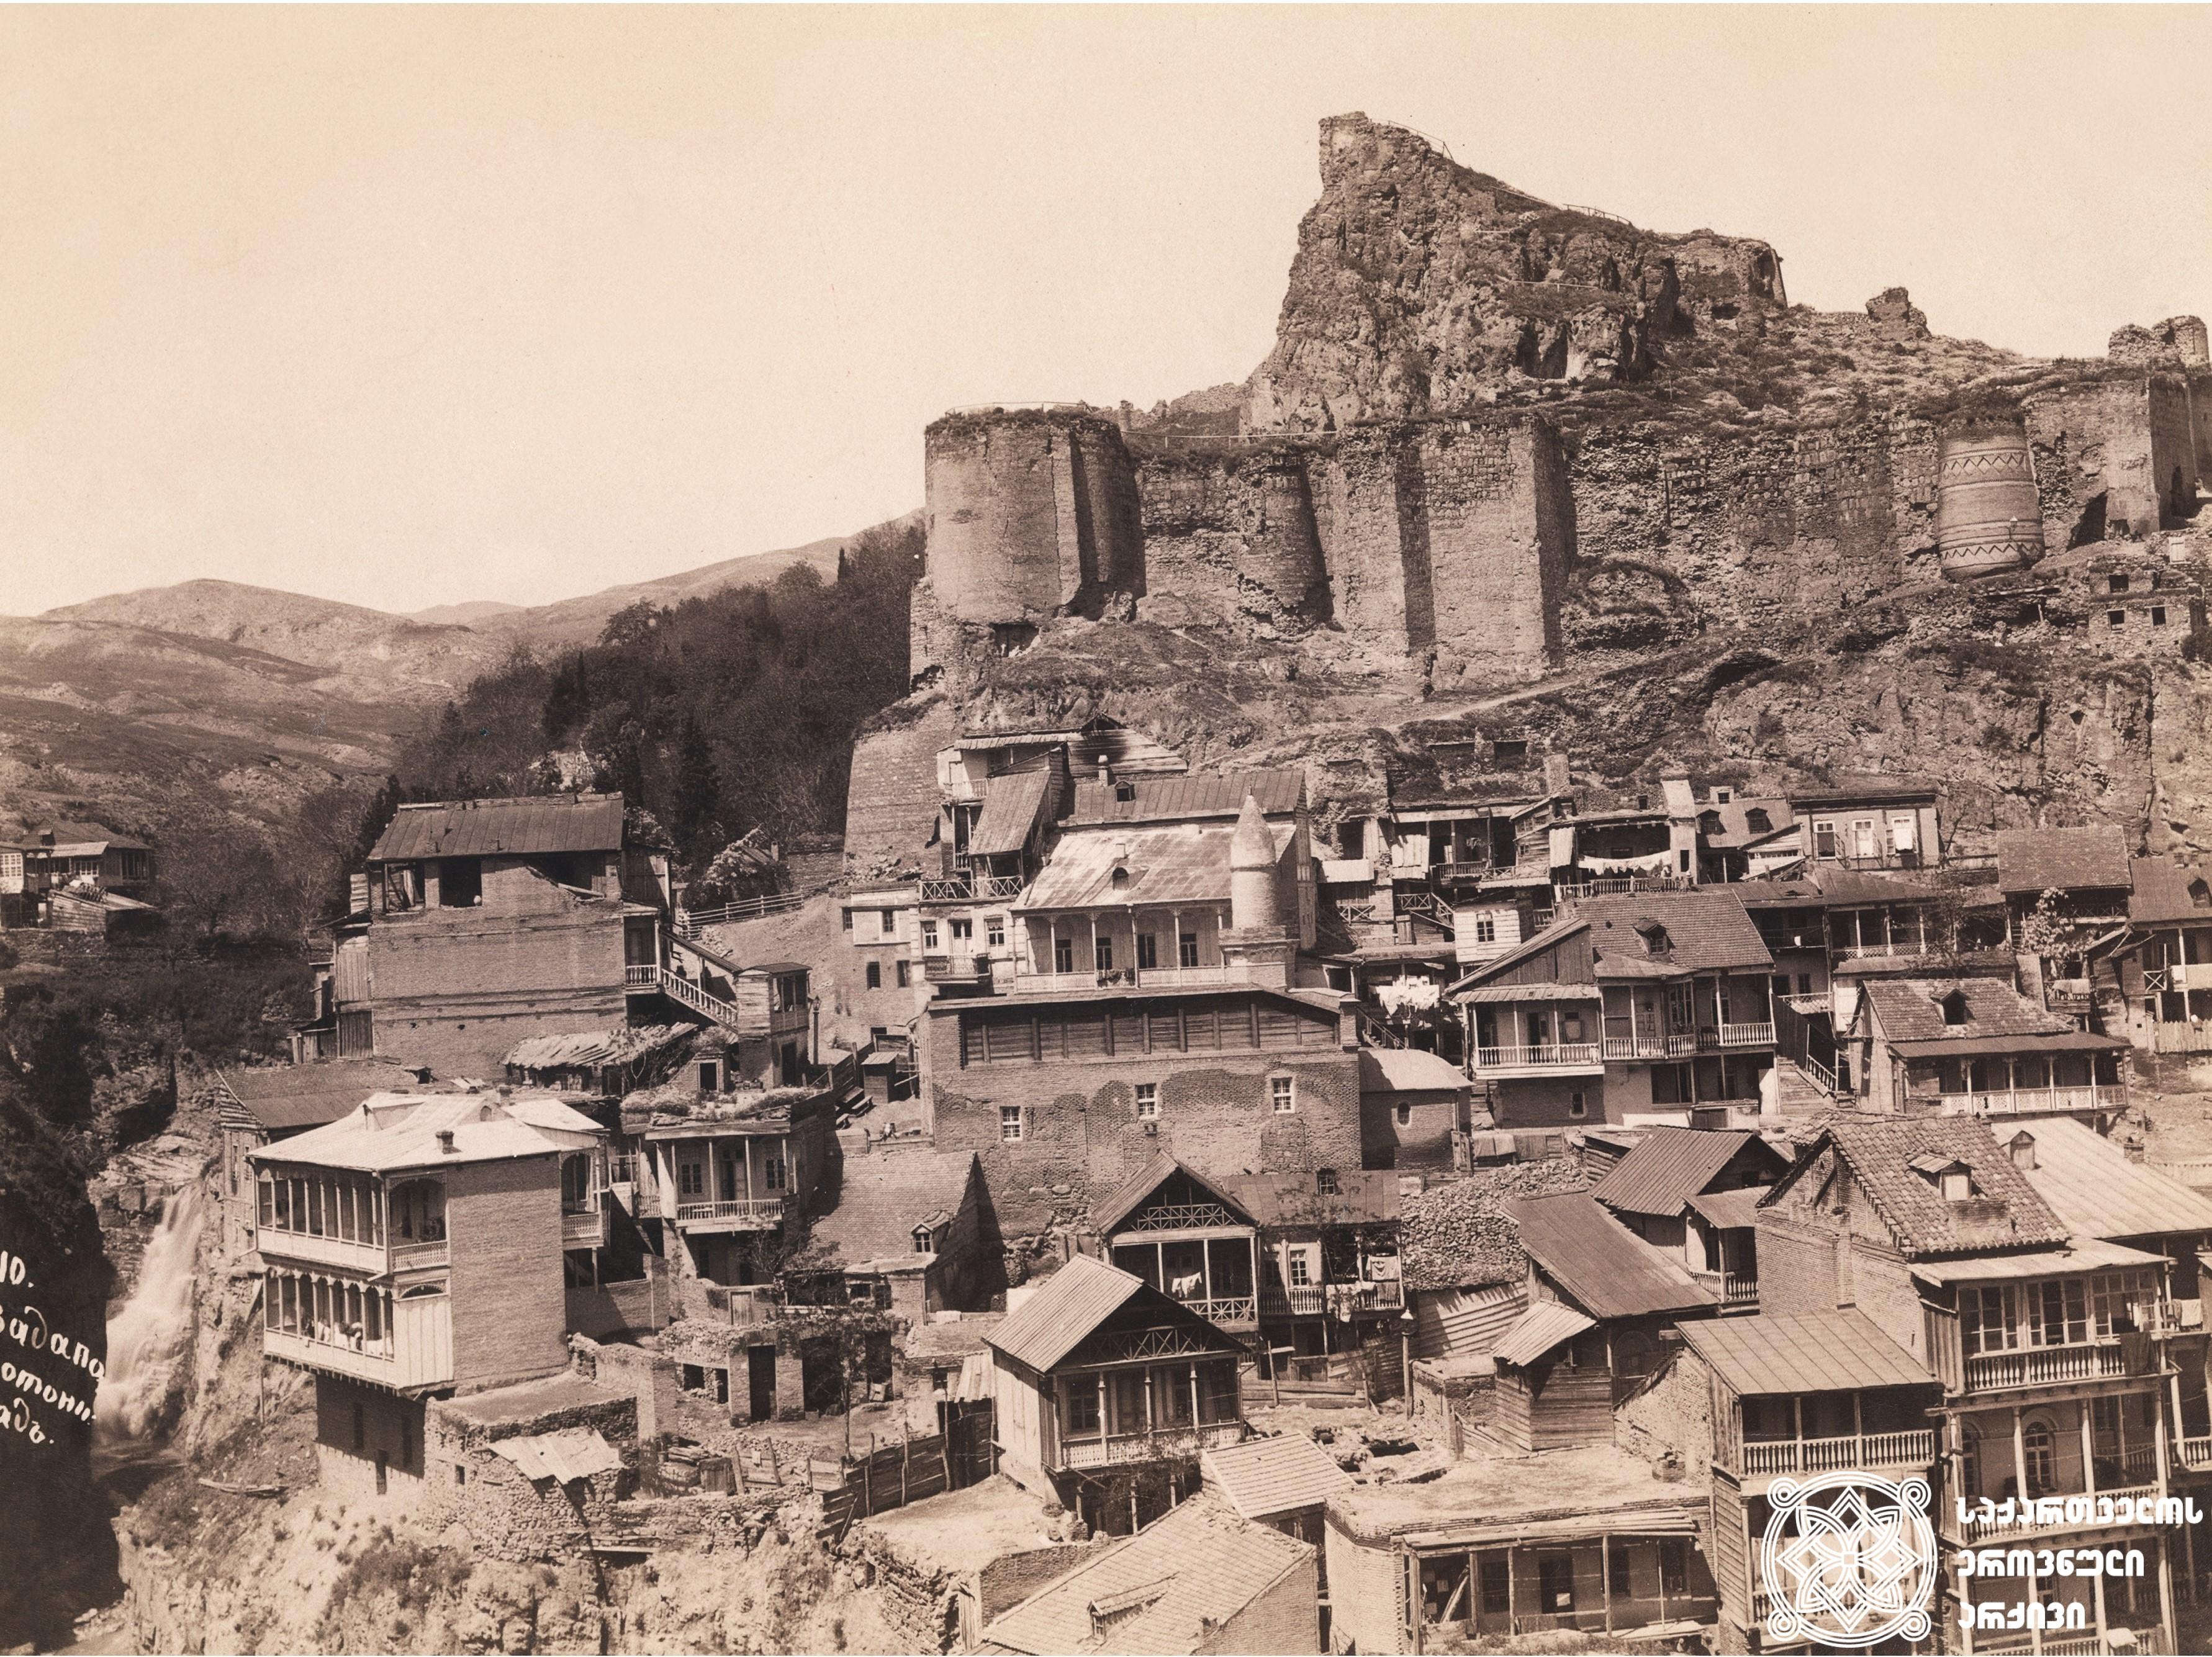 თბილისი ბერტას ვიზიტის დროს <br> გეორგ ჰამანის კოლექციიდან<br> Tbilisi during Bertha's visit<br> From the collection of Georg Hamann